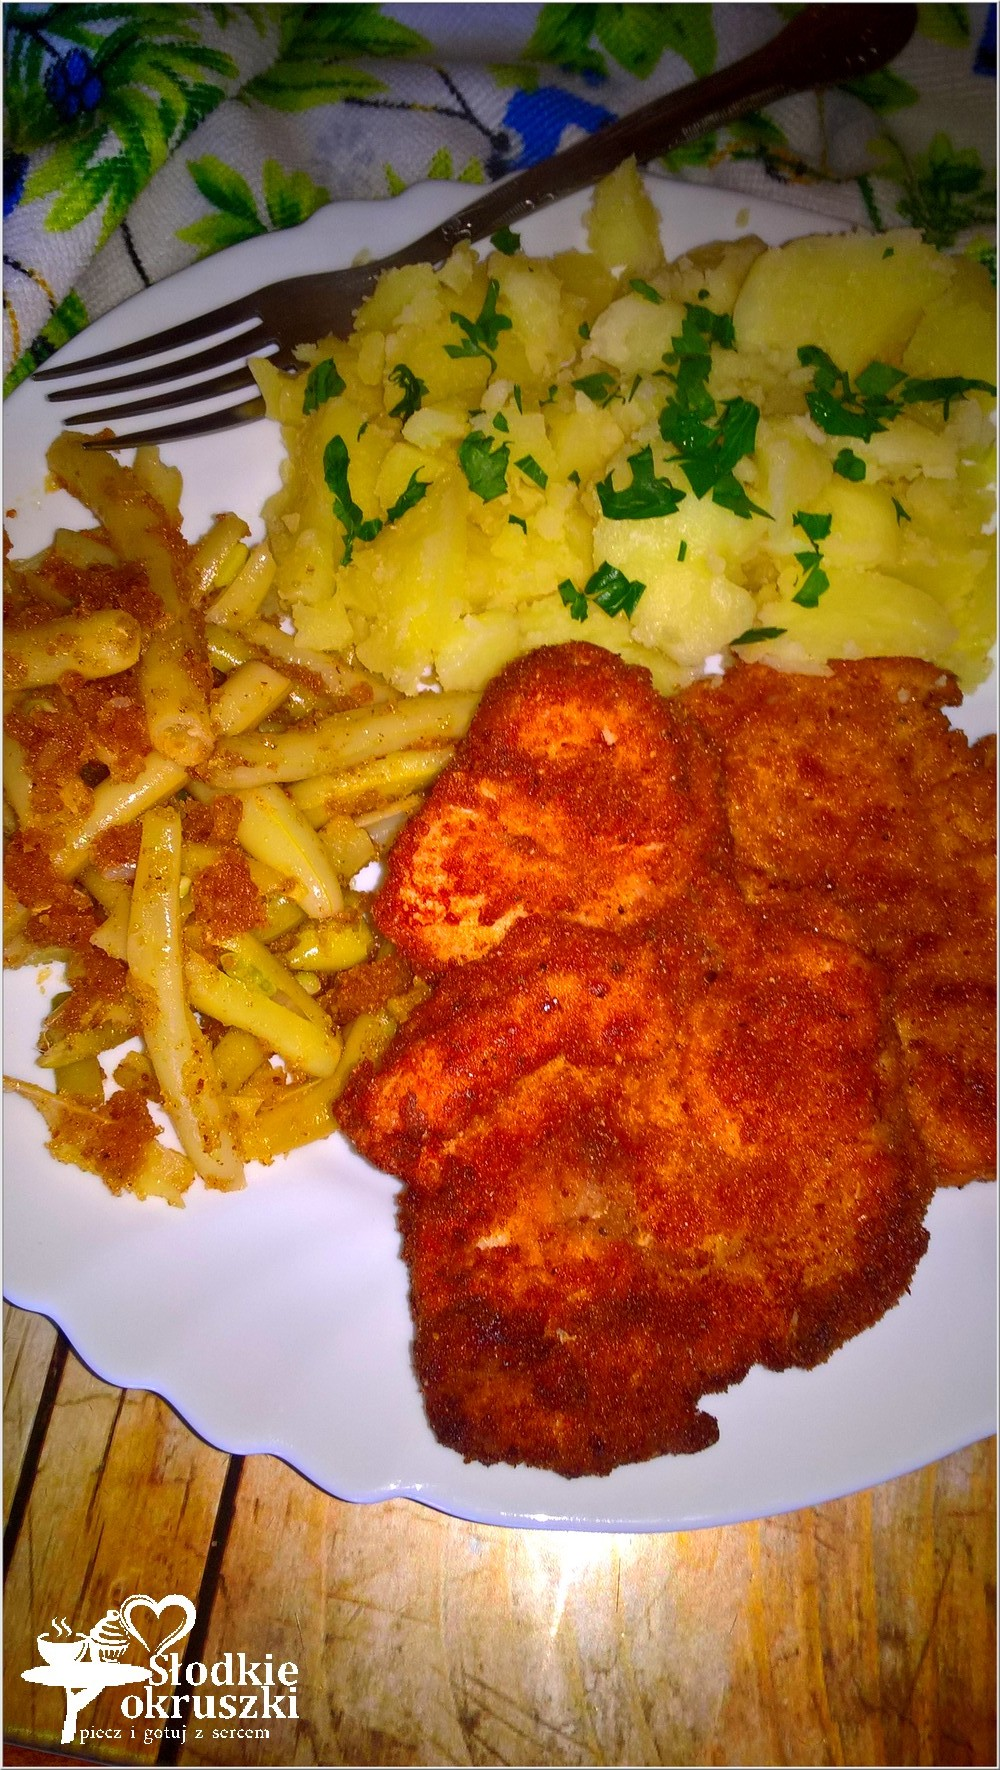 Tradycyjny obiad. Panierowane kotlety z piersi kurczaka z fasolką